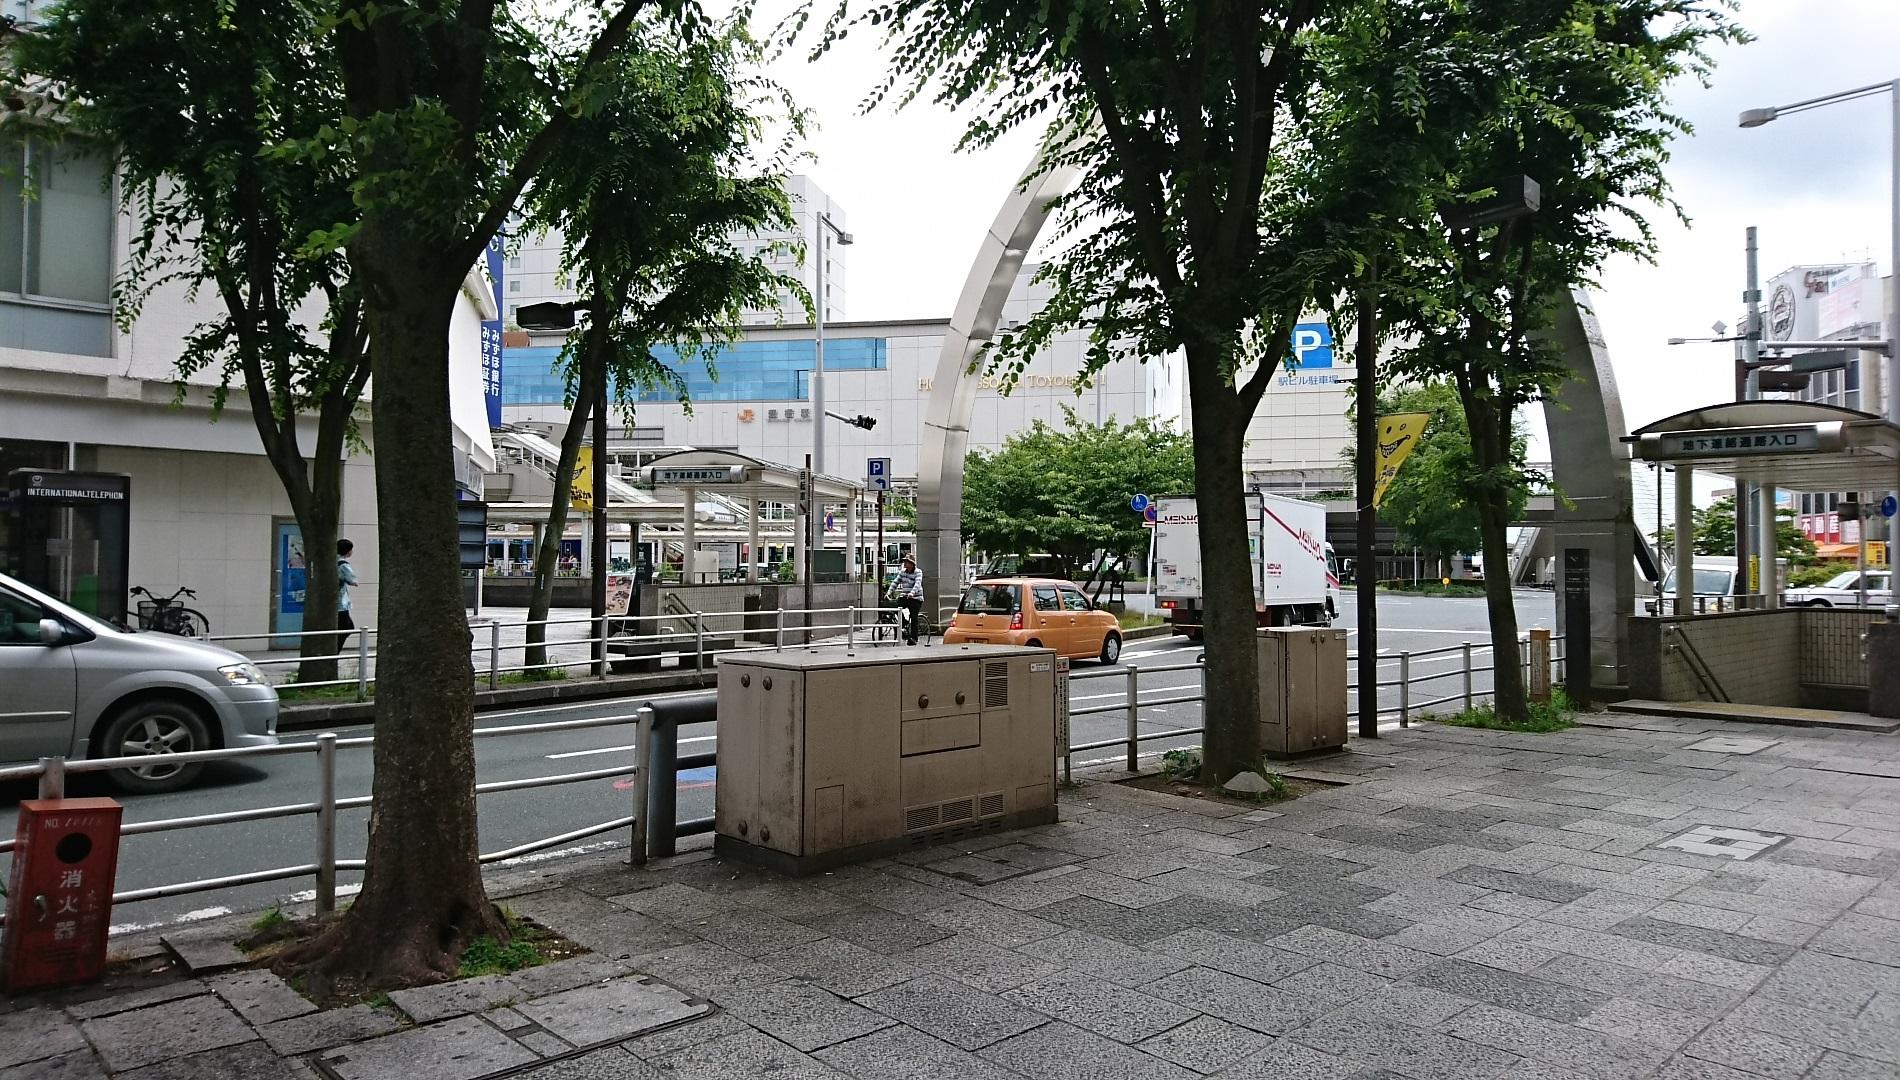 2018.6.19 (54あ) 広小路どおり - 豊橋駅 1900-1080